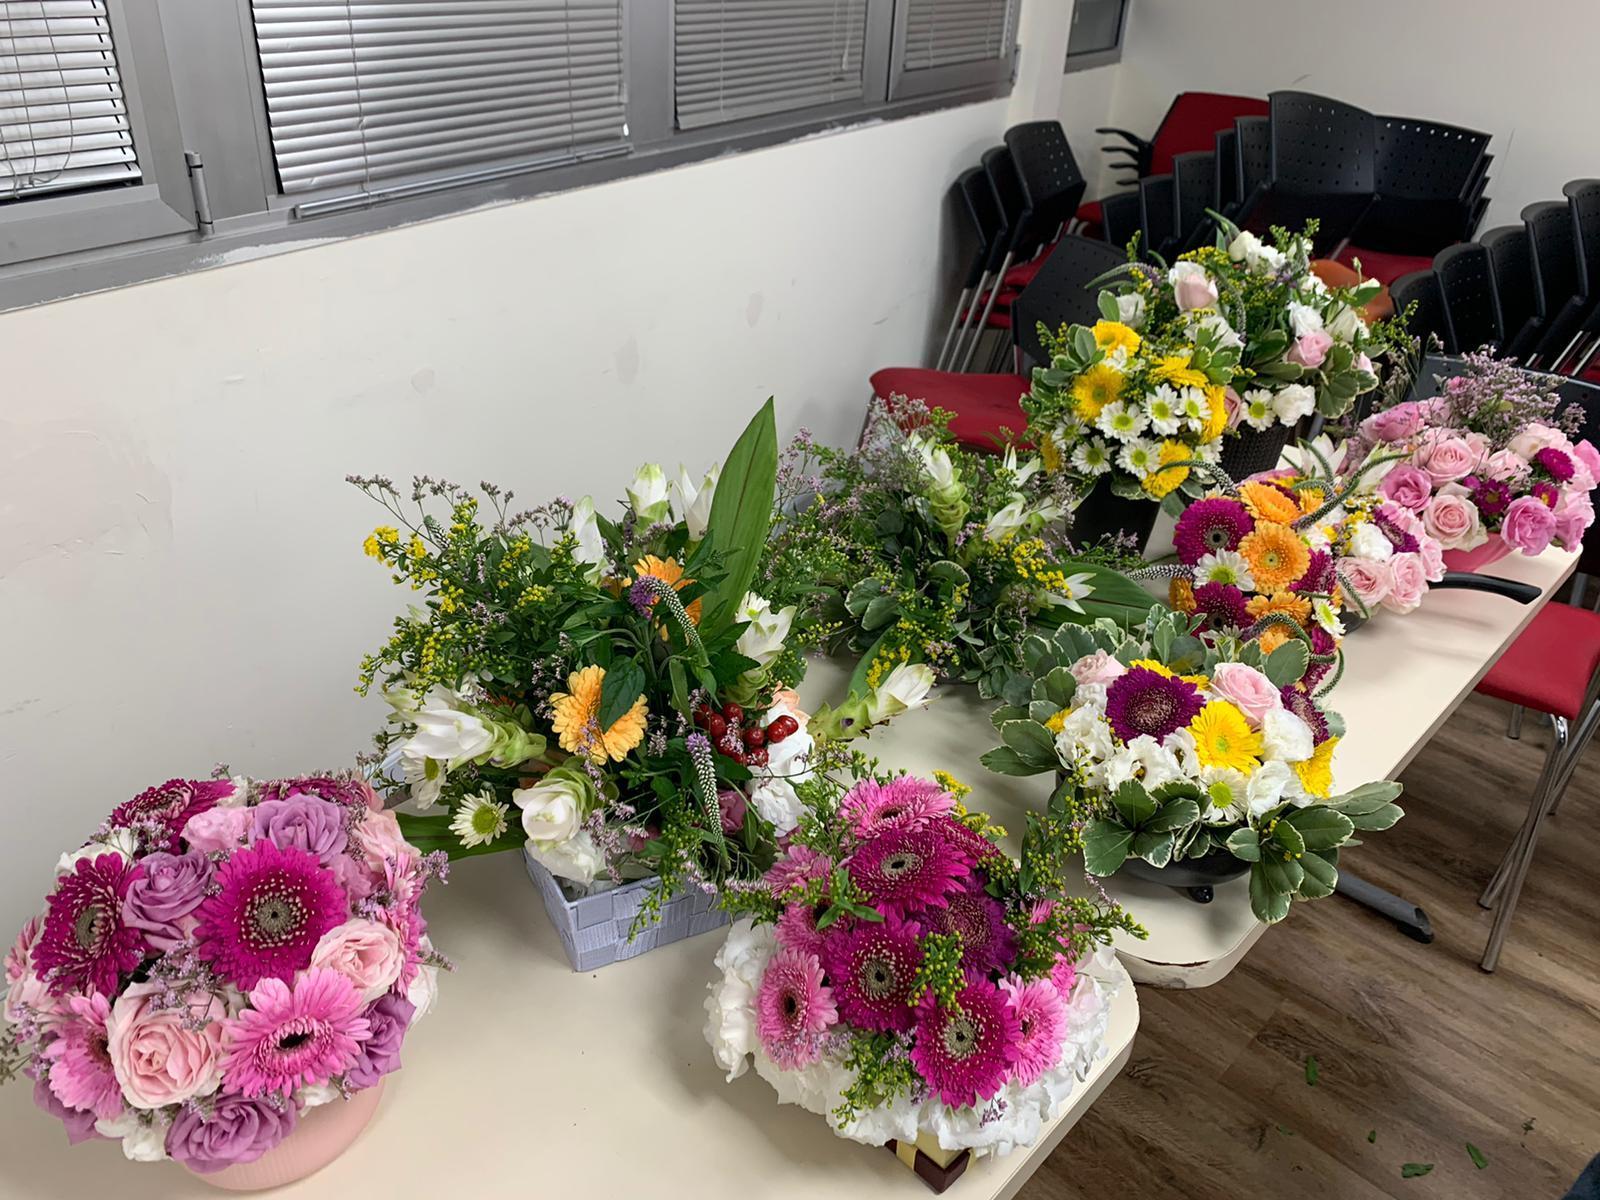 גלרייה - שיעור שזירת פרחים - קורס הפקת אירועים מחזור 24, 11 מתוך 35